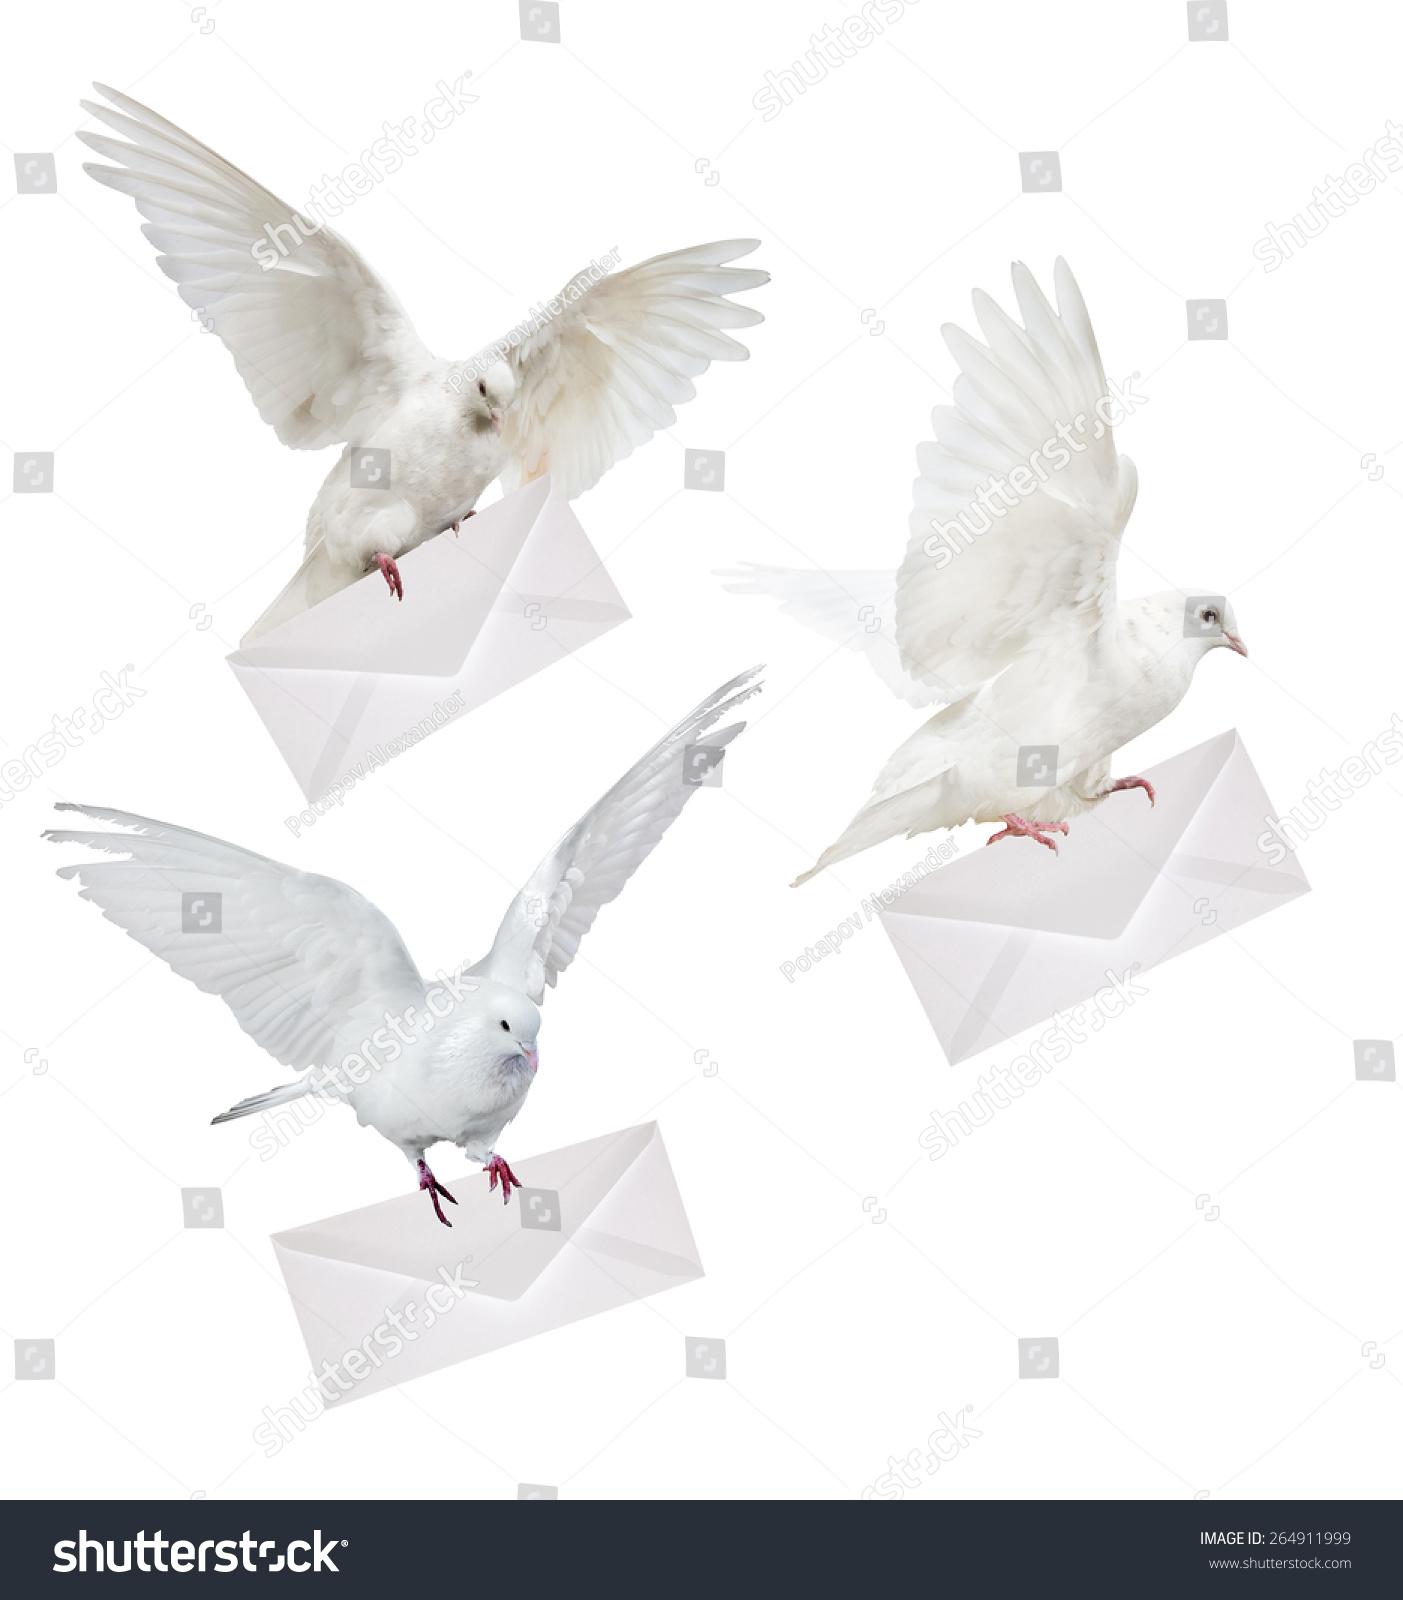 纸杯手工制作鸽子